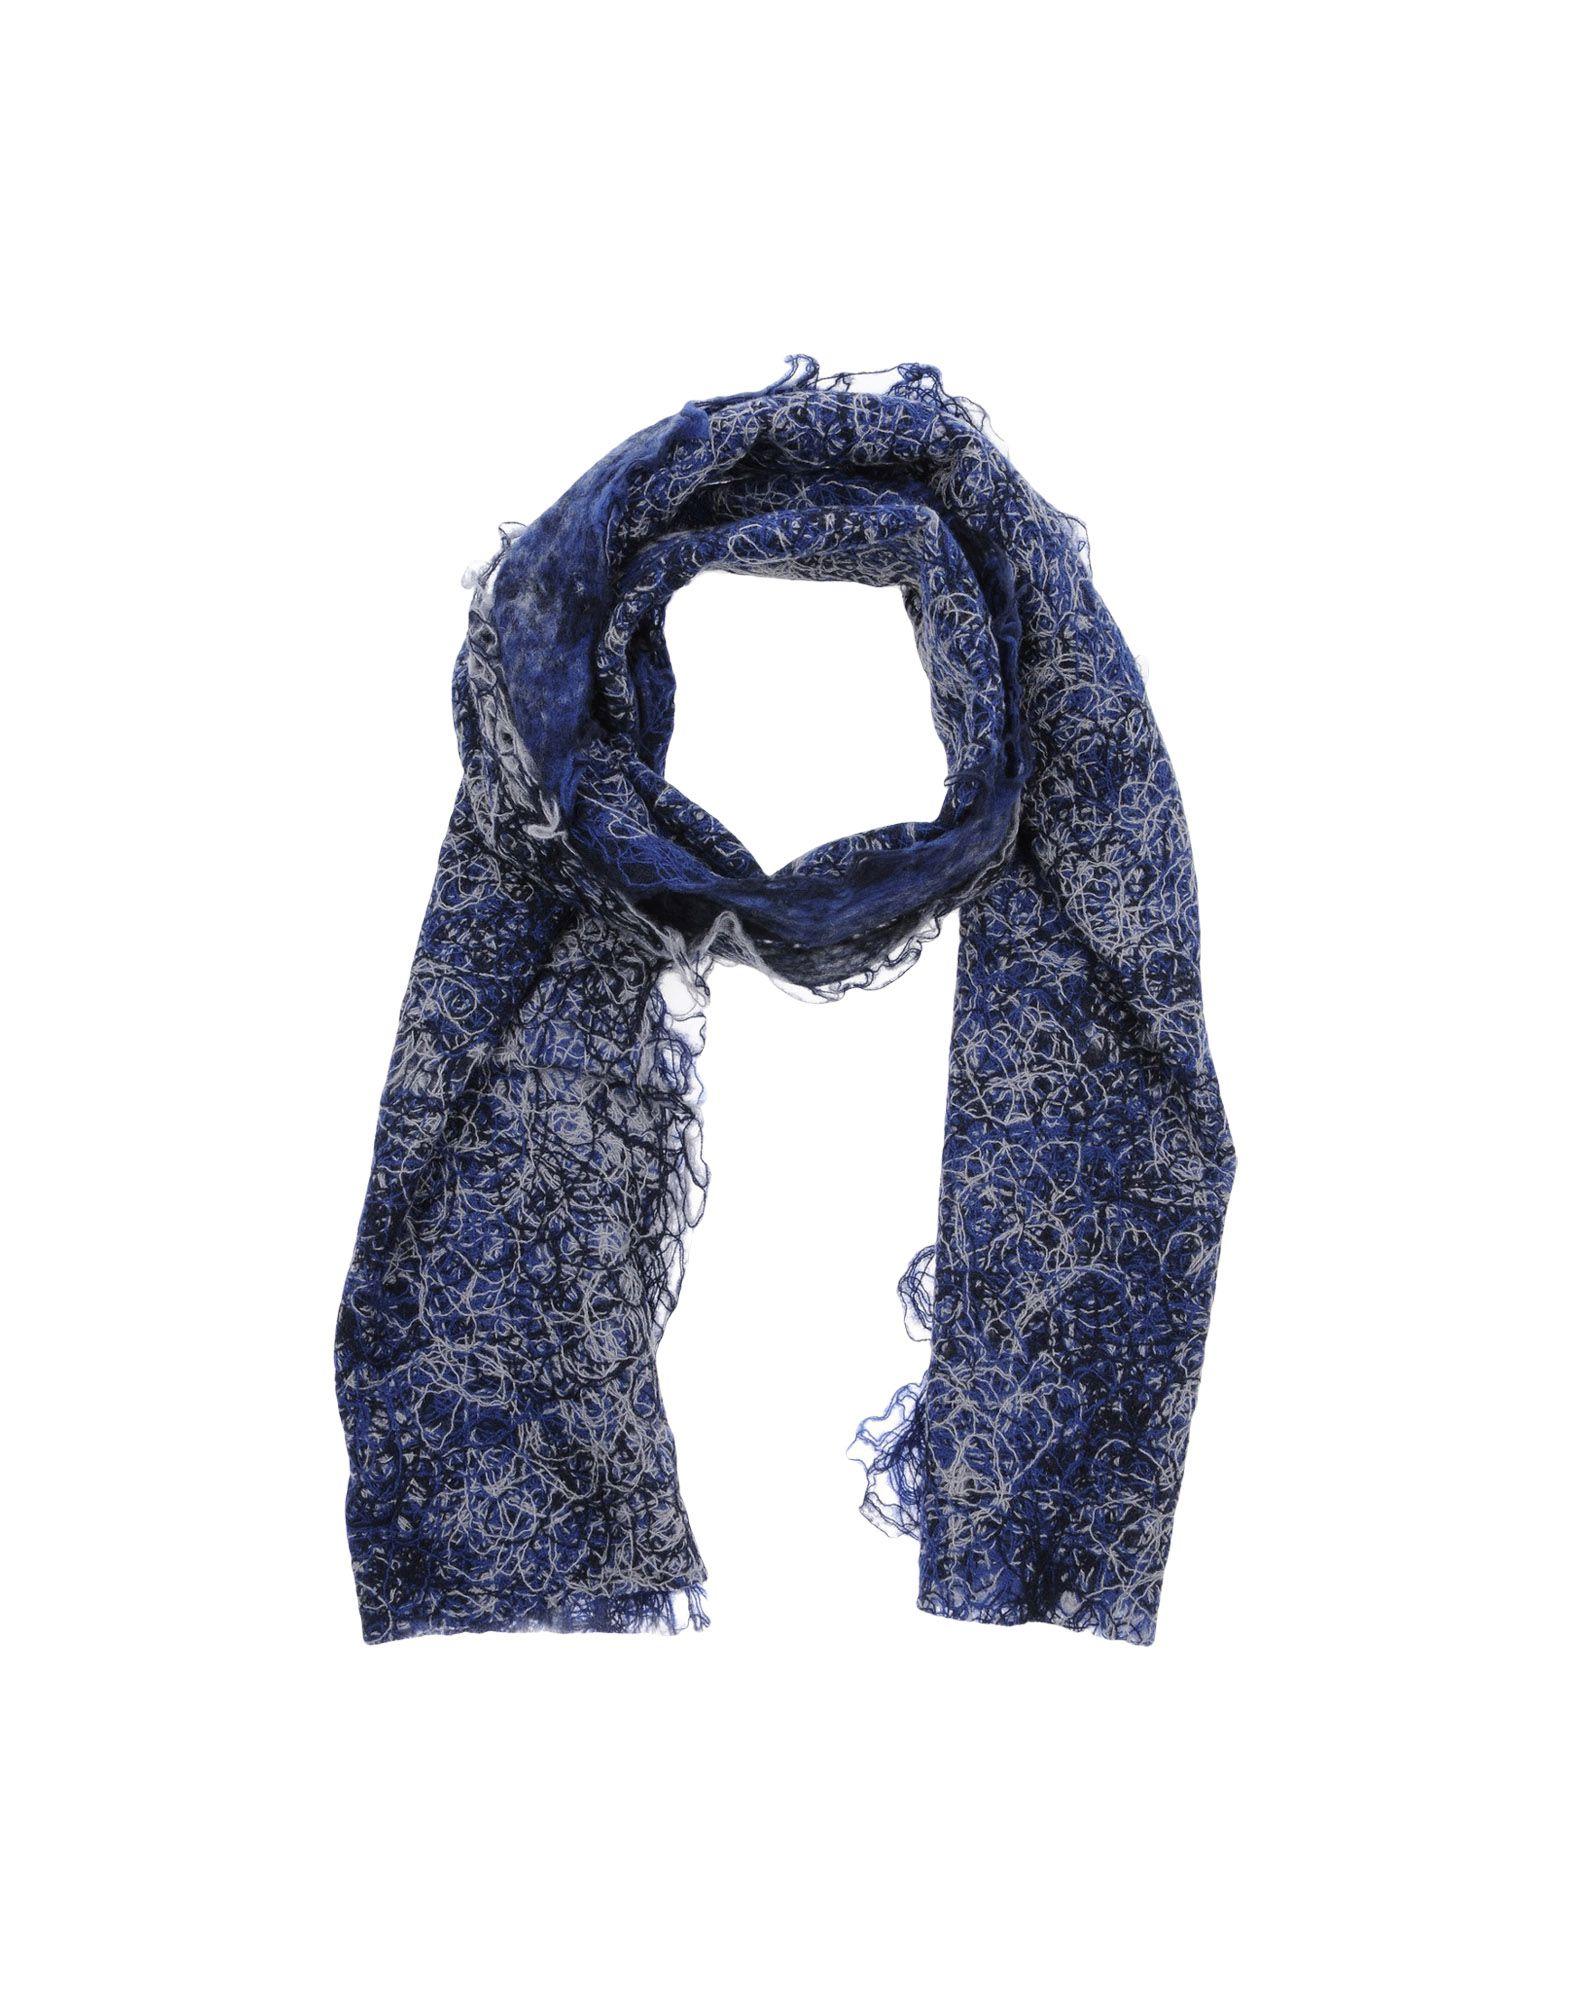 ACCESSORIES - Oblong scarves Byblos RKAgbL7